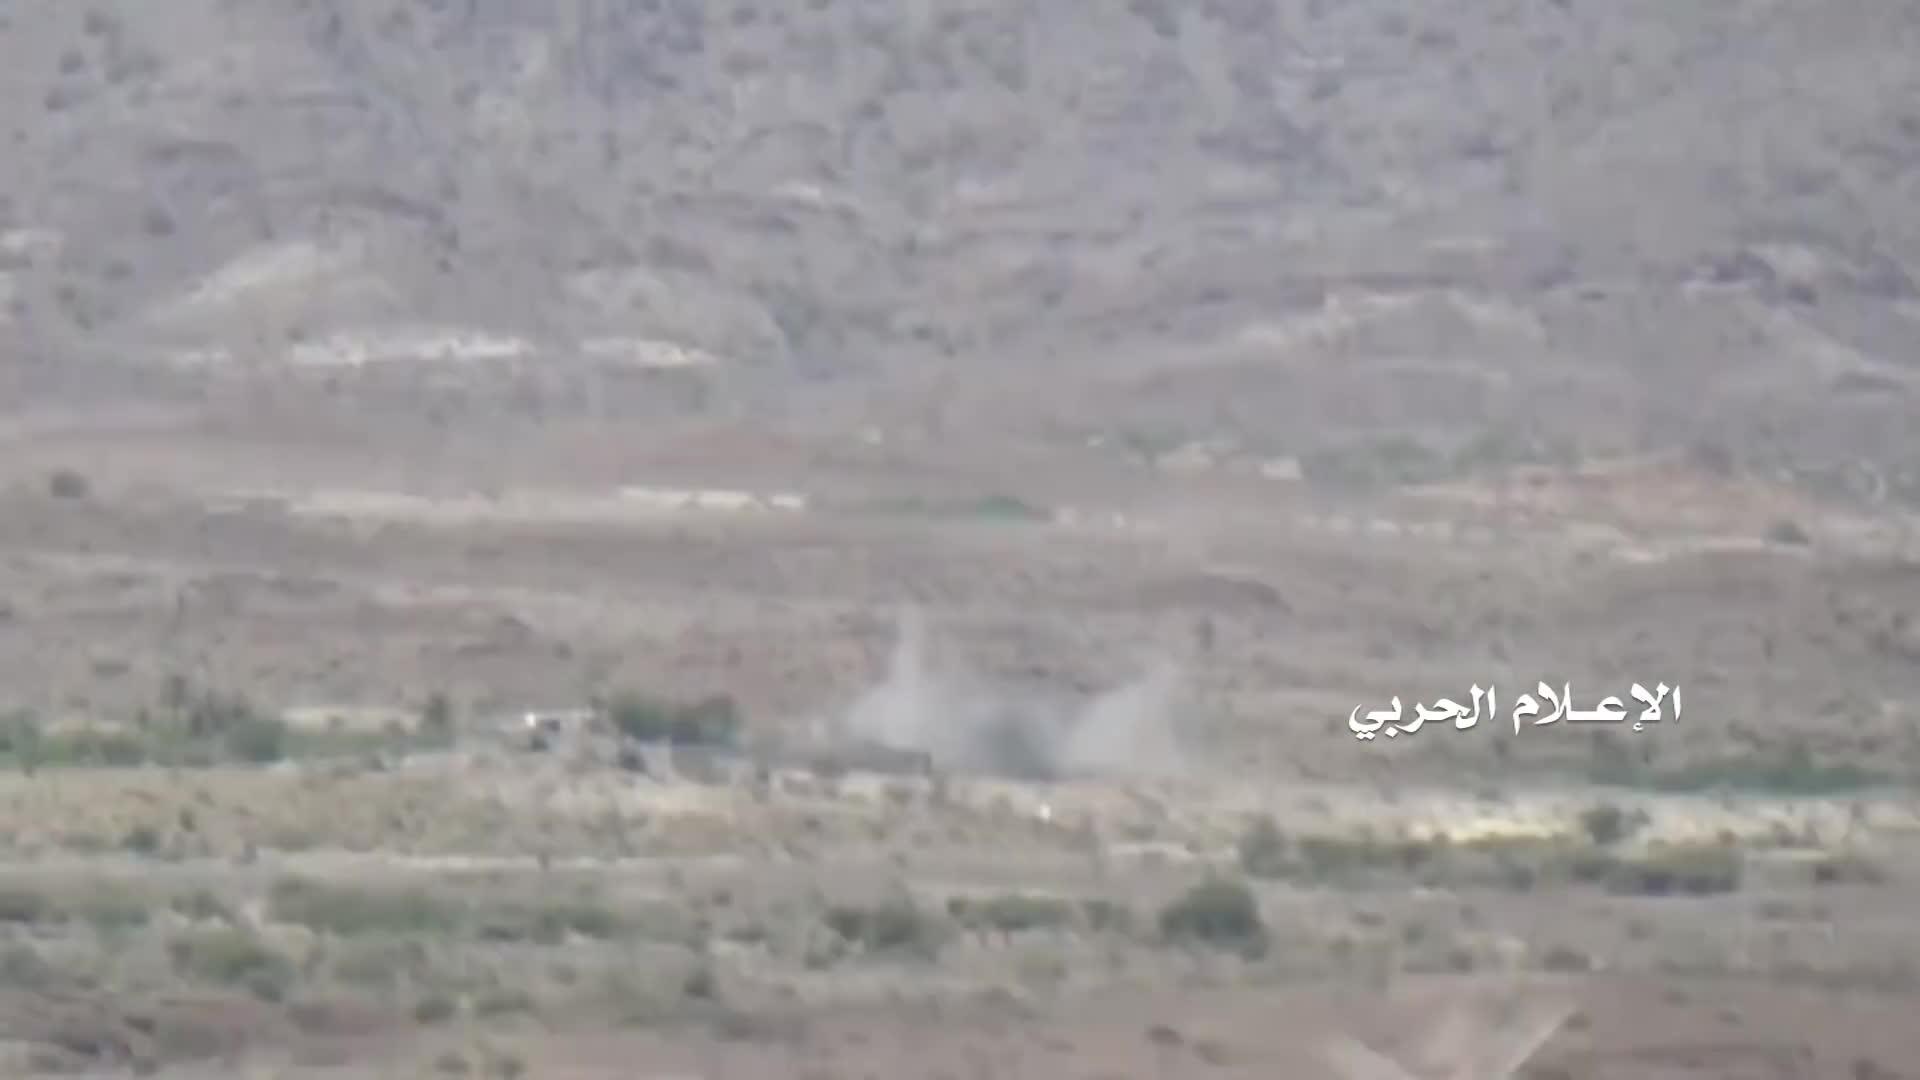 Lực lượng Houthi phóng tên lửa tấn công liên minh quân sự Ả rập Xê út